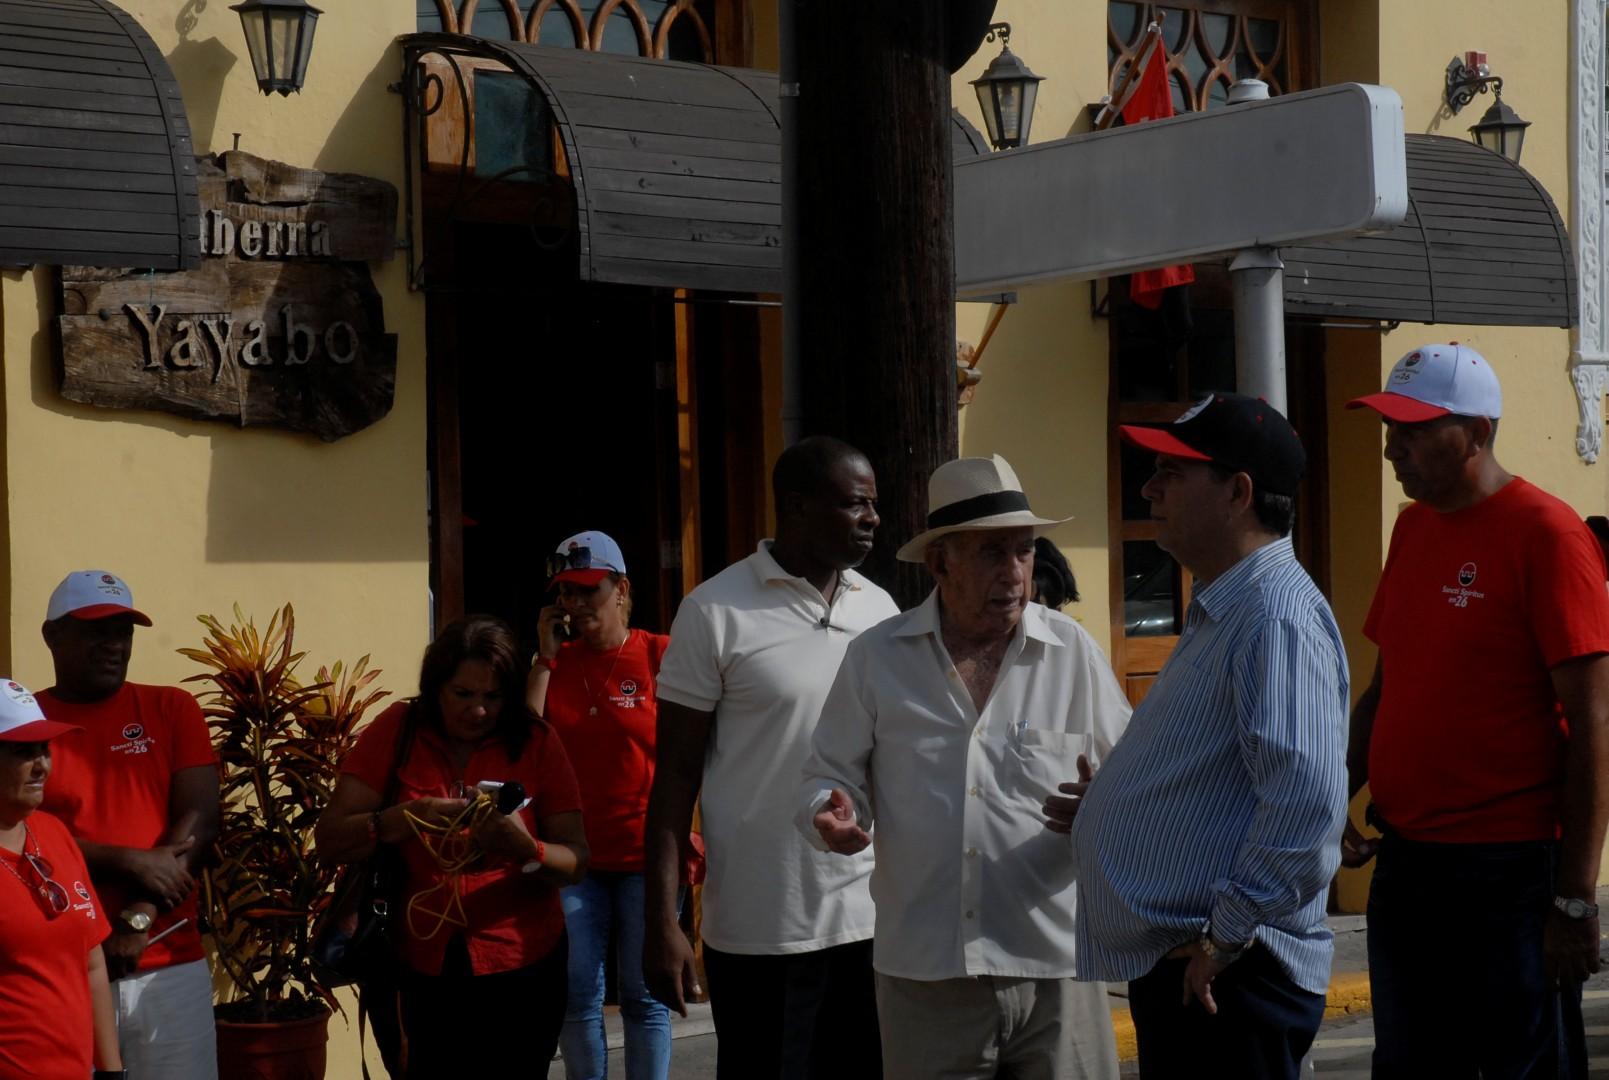 El segundo secretario del Partido recorrió sitios de interés en el centro histórico de Sancti Spíritus junto a las máximas autoridades del territorio. (Foto: Juan A. Borrego)